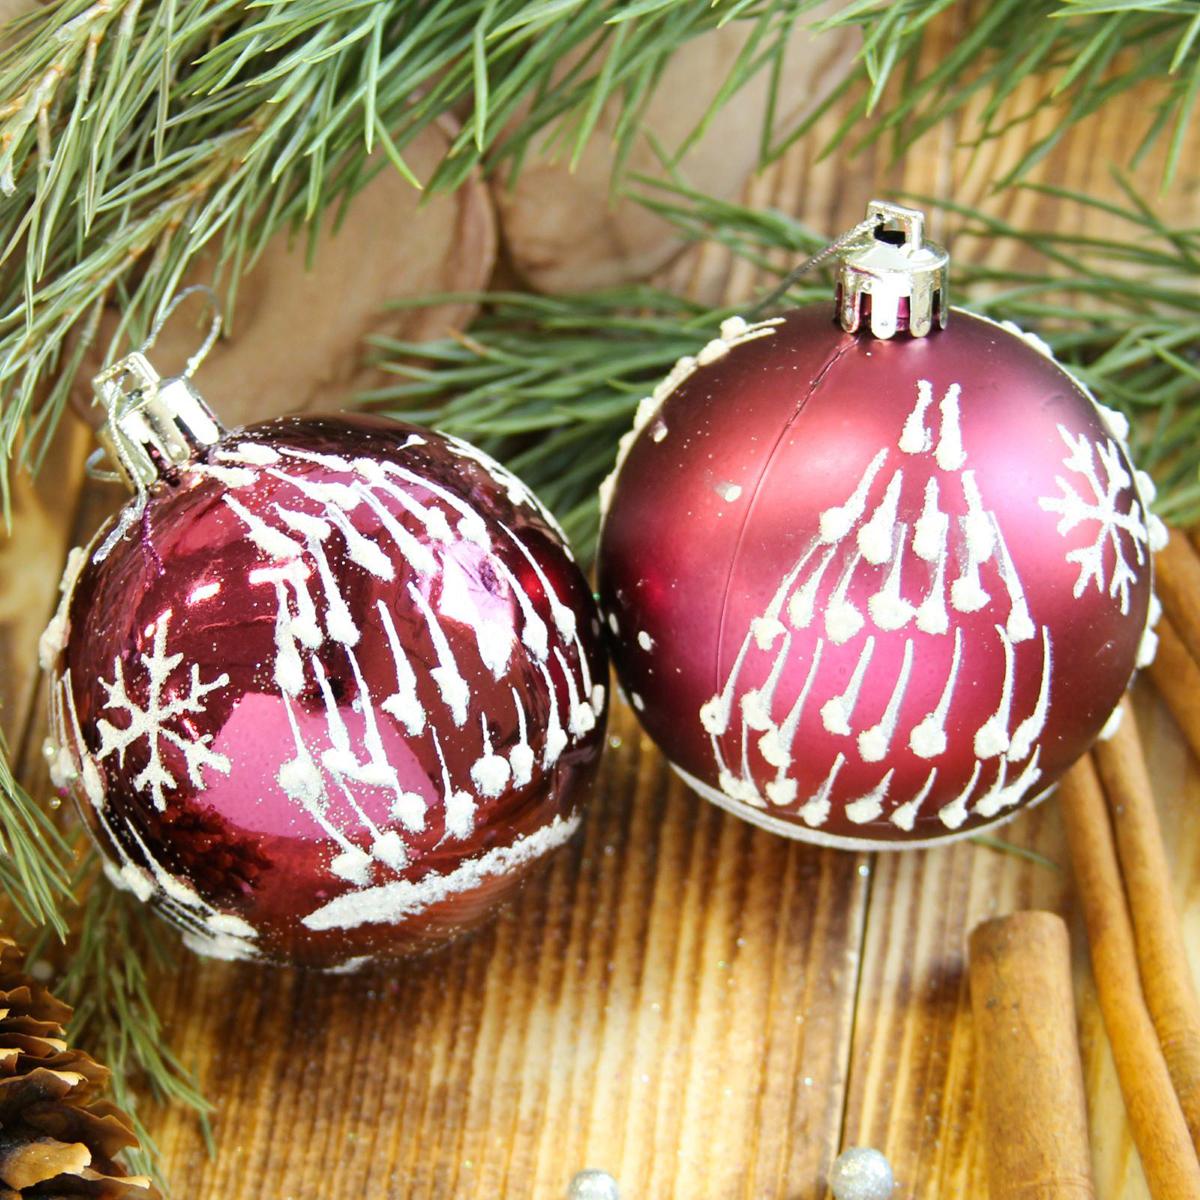 Набор новогодних подвесных украшений Sima-land Елочка. Капелька, цвет: бордовый, диаметр 6 см, 8 шт2122532Набор новогодних подвесных украшений Sima-land отлично подойдет для декорации вашего дома и новогодней ели. С помощью специальной петельки украшение можно повесить в любом понравившемся вам месте. Но, конечно, удачнее всего оно будет смотреться на праздничной елке. Елочная игрушка - символ Нового года. Она несет в себе волшебство и красоту праздника. Создайте в своем доме атмосферу веселья и радости, украшая новогоднюю елку нарядными игрушками, которые будут из года в год накапливать теплоту воспоминаний.